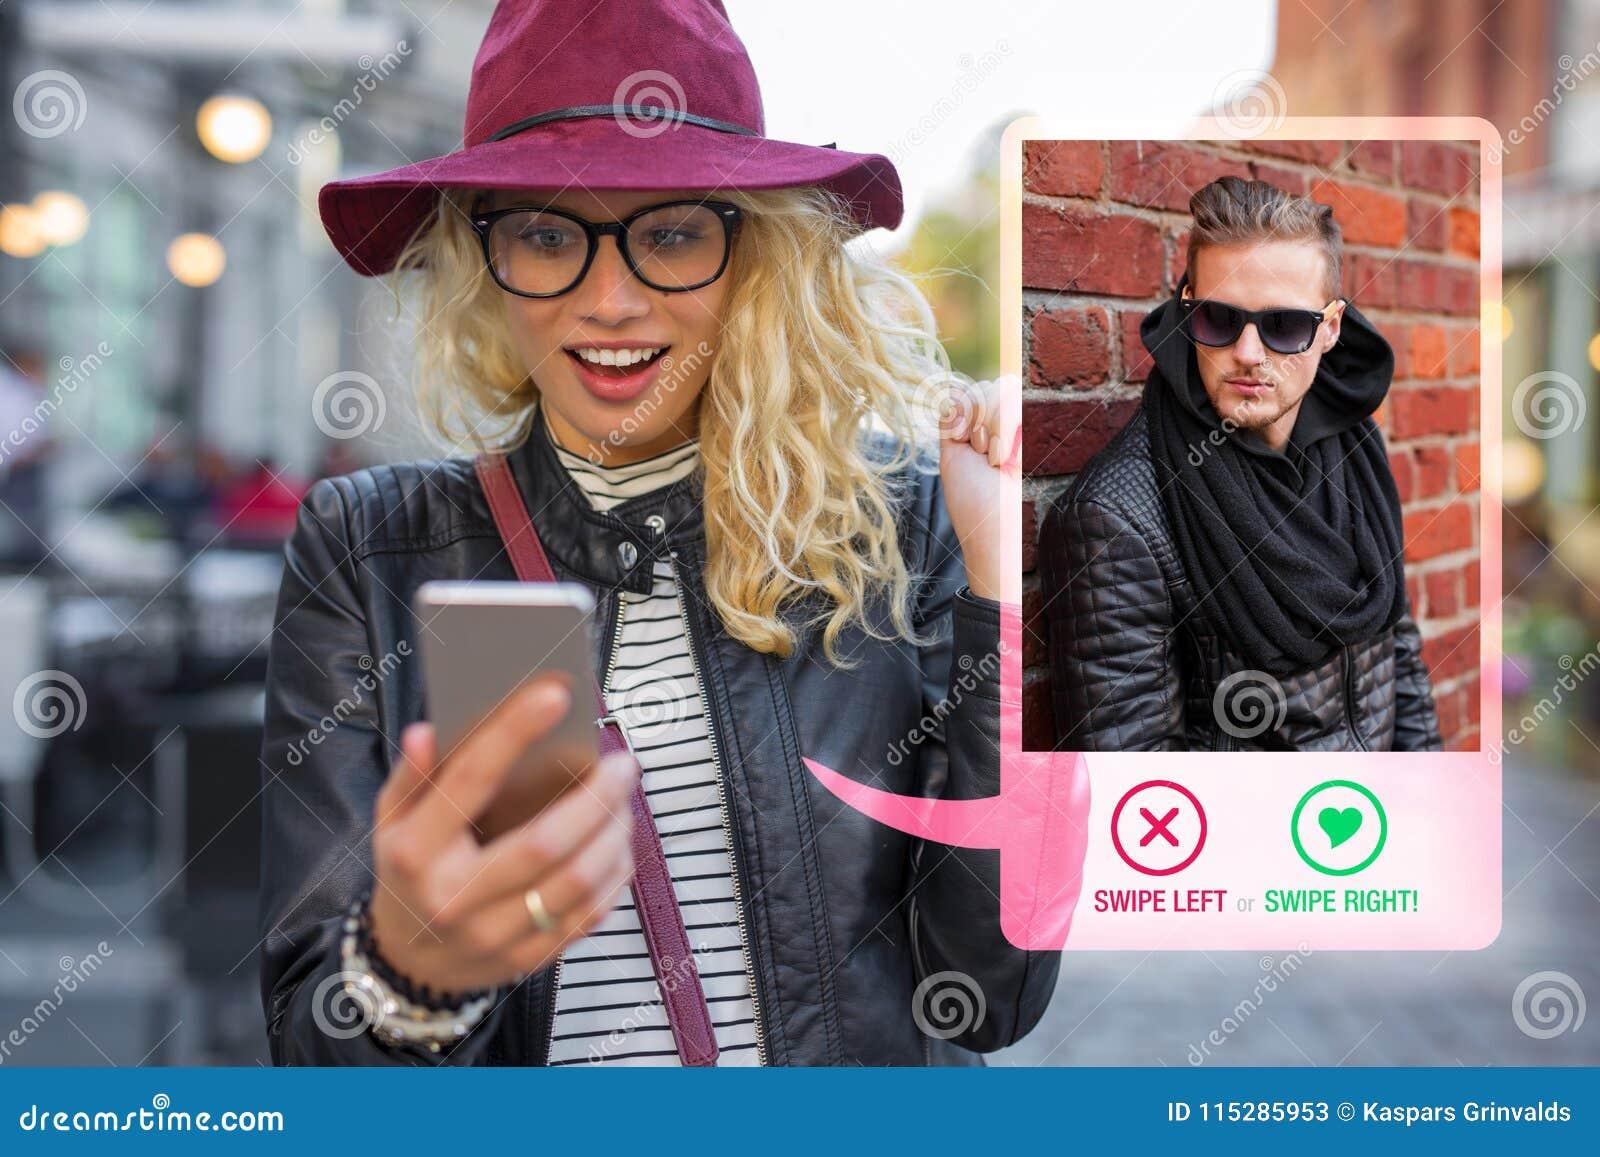 Młoda kobieta używa datujący app na telefonie komórkowym